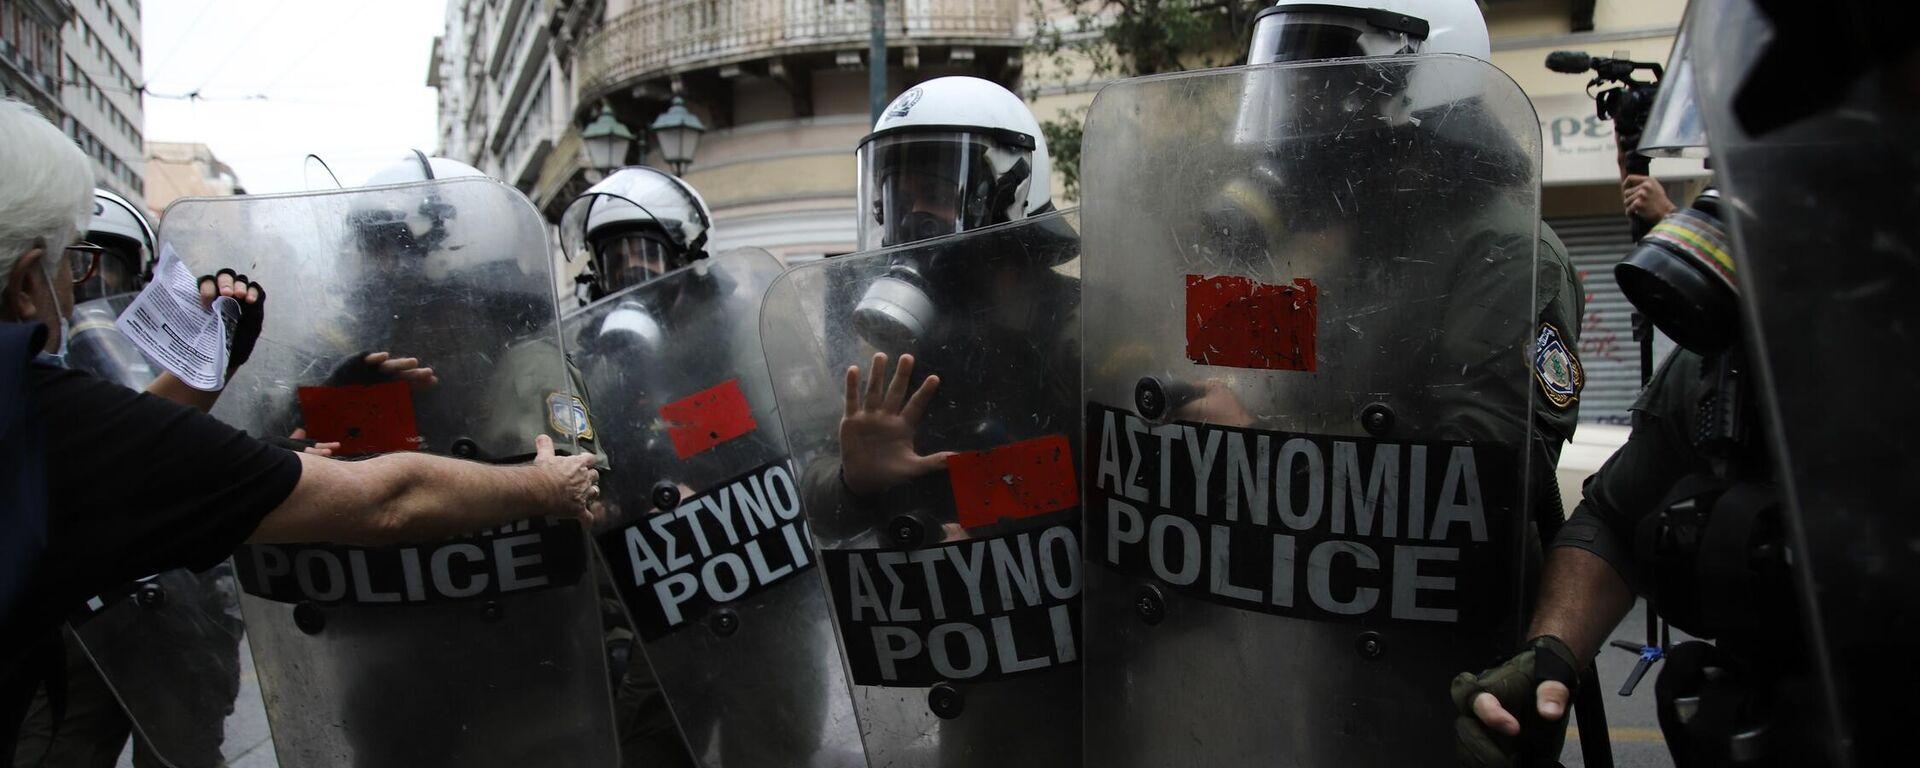 Αντιφασιστικό συλλαλητήριο, Ομόνοια - Sputnik Ελλάδα, 1920, 09.10.2021